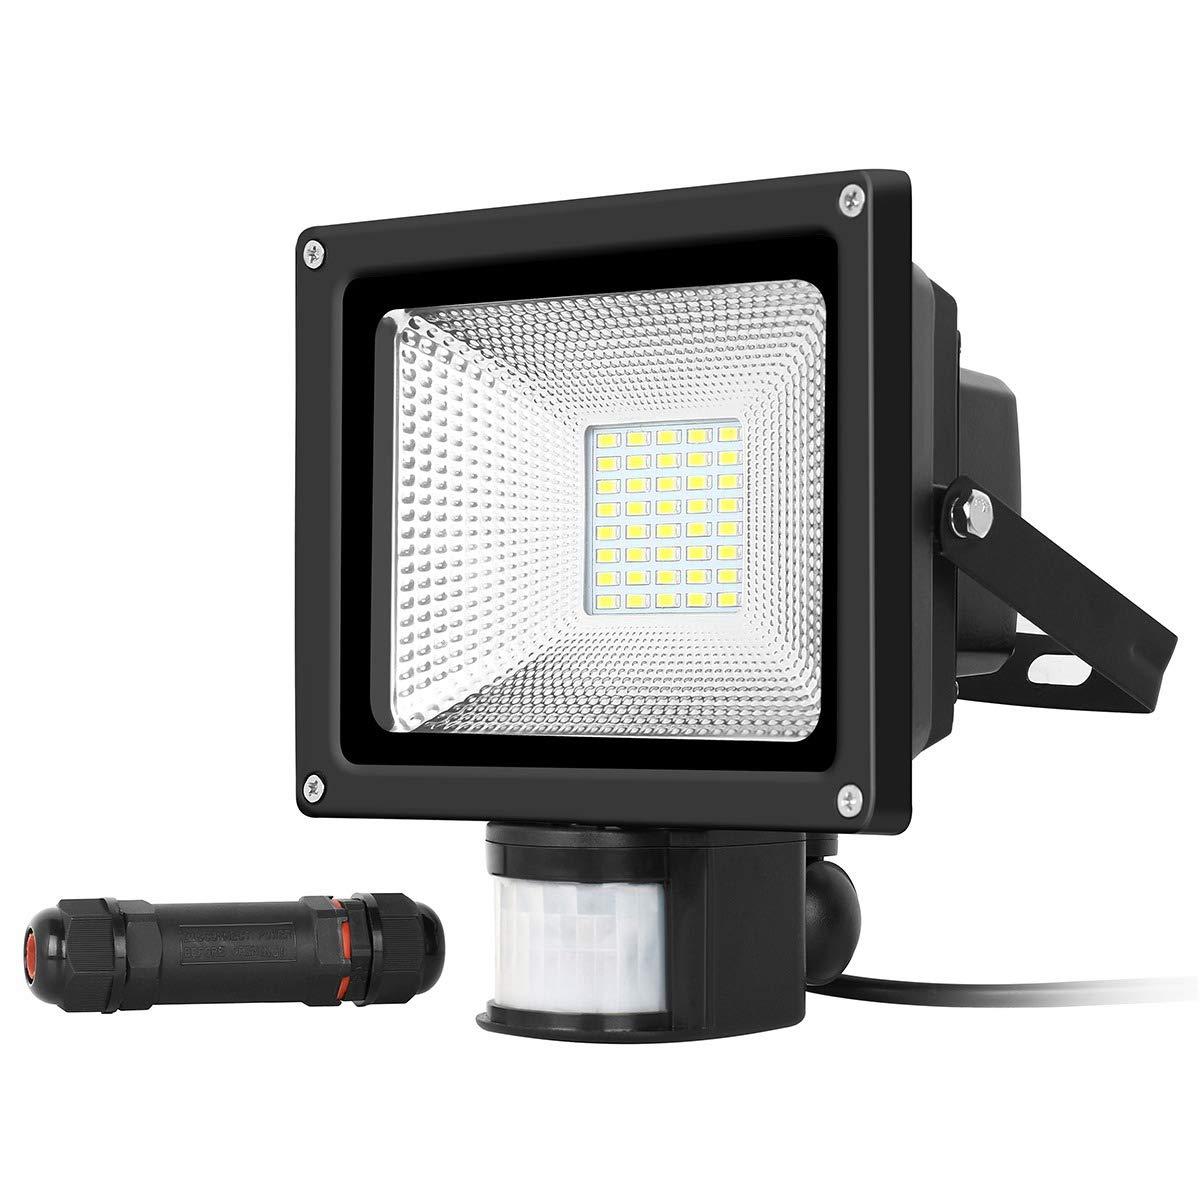 Flutlicht 20W LED, IP68 imprägniern, 2000LM, LED-Außenbeleuchtung, Sicherheits-Beleuchtungs-Lampe mit äußerem Außenjacke-Verbindungsstück für allgemeine Beleuchtung, Garage, Korridor, Garten, usw. IP68 imprägniern LED-Außenbeleuchtung INKERSCOOP